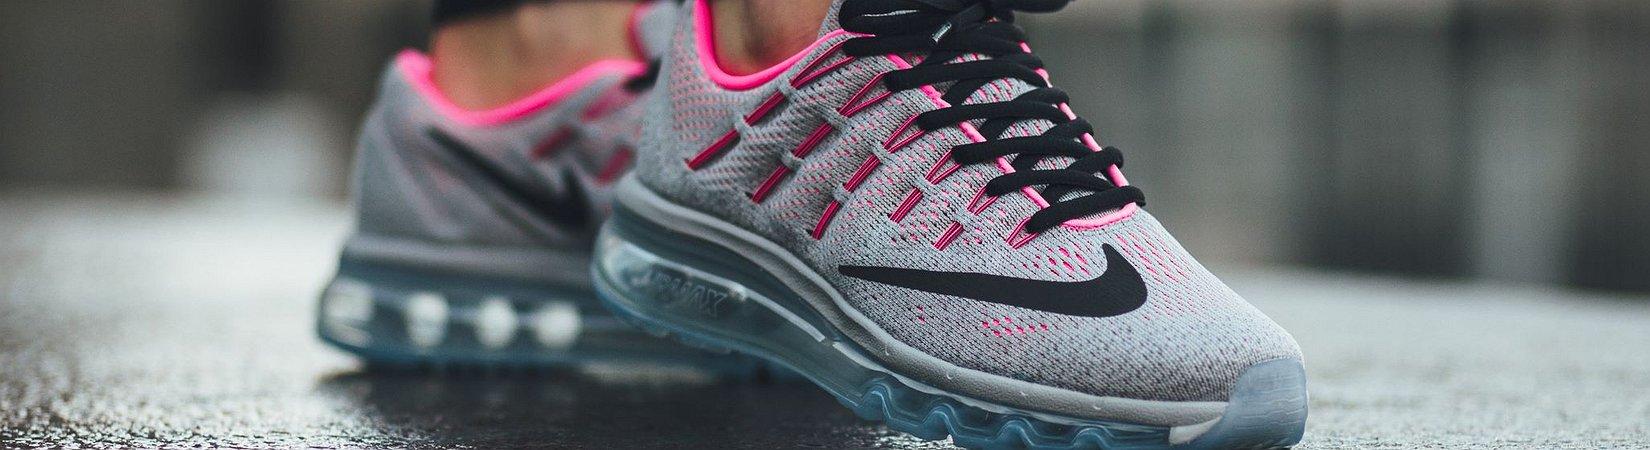 Nike no se ha dado cuenta de que no está solo en el mercado